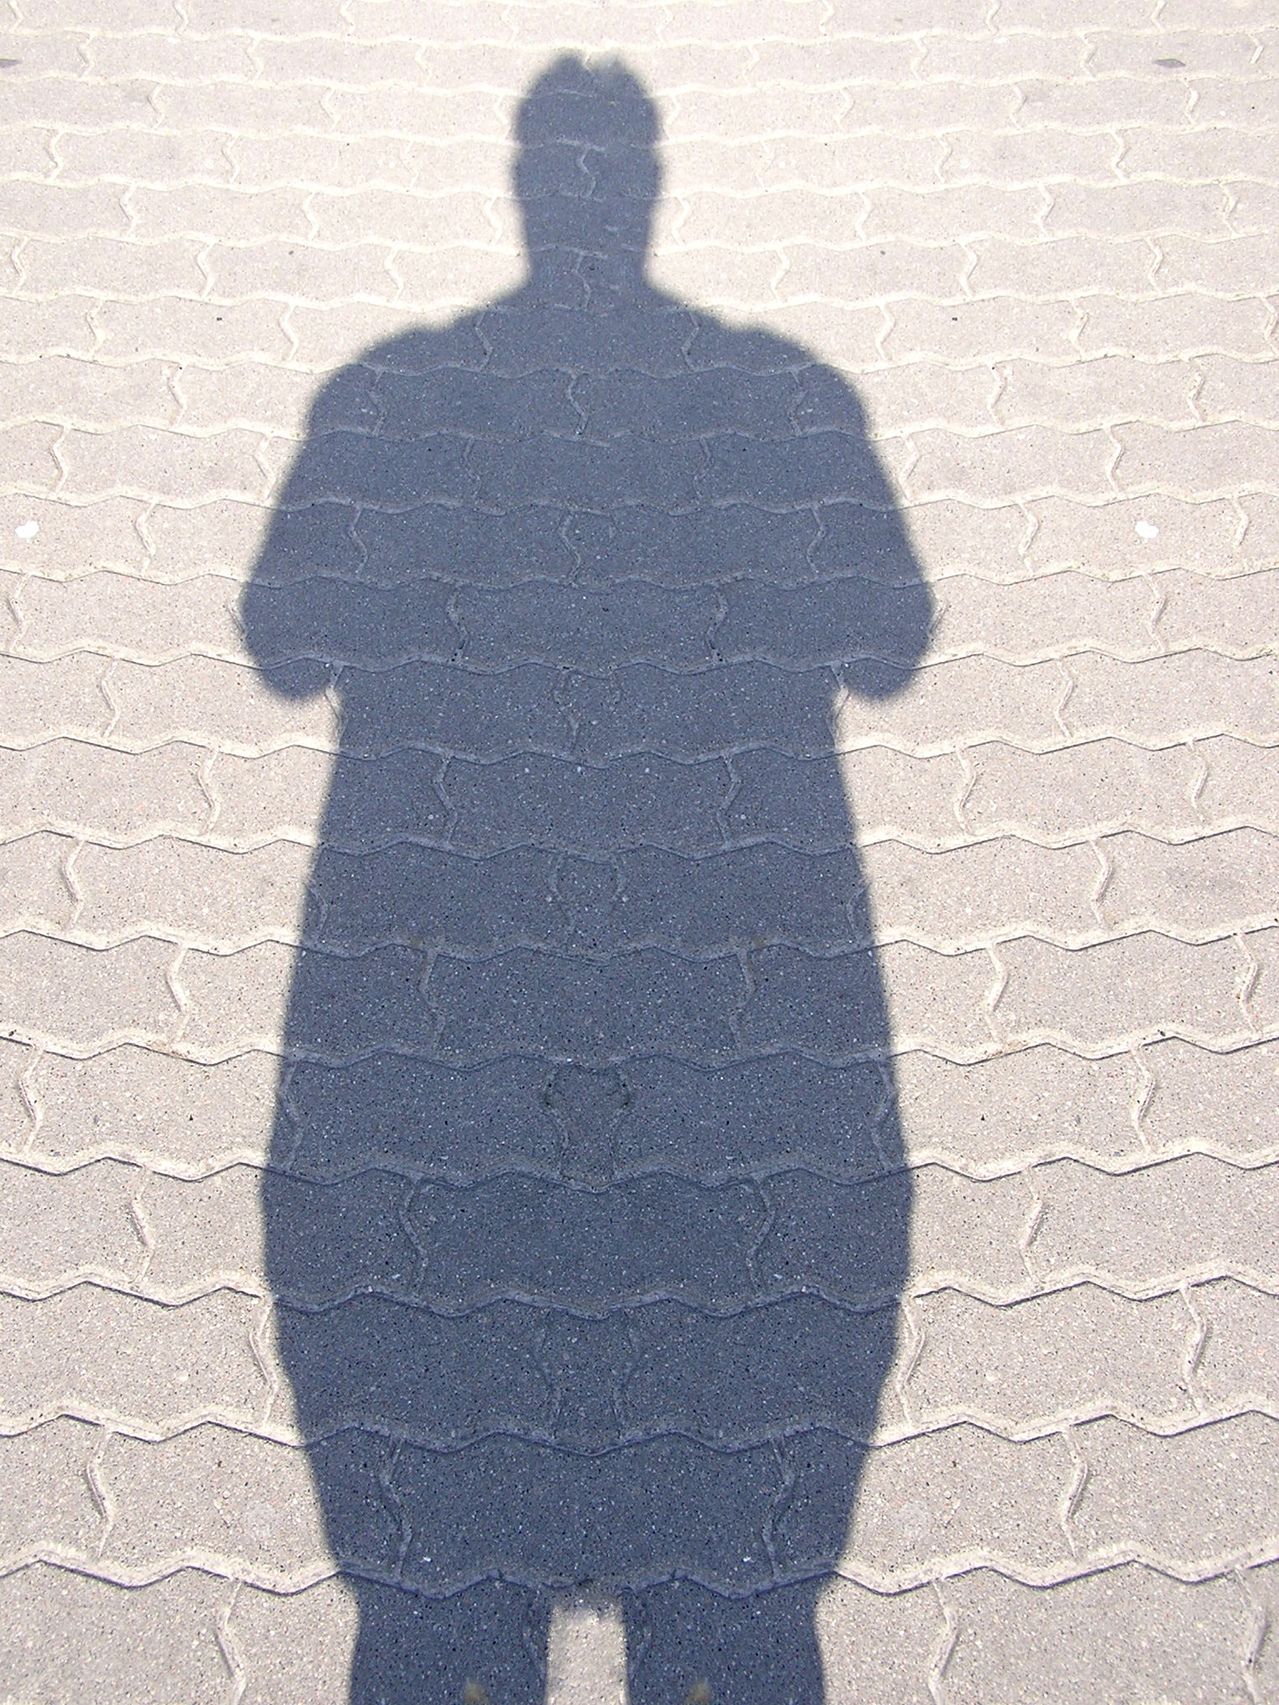 Fat shadow man 1168363 1279x1705